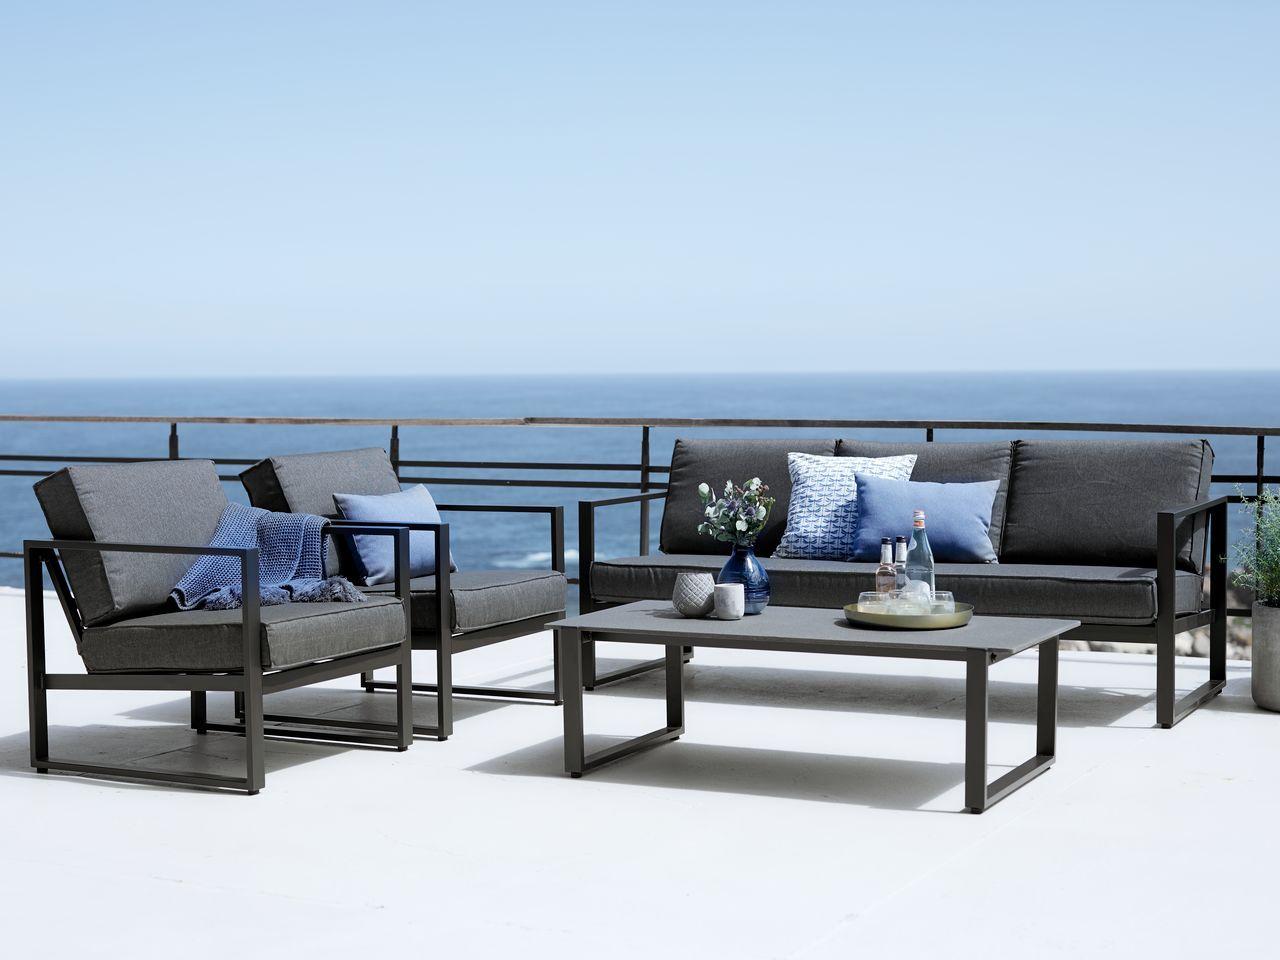 Lounge Set Vonge 5 Pers Black Outdoor Furniture Wooden Garden